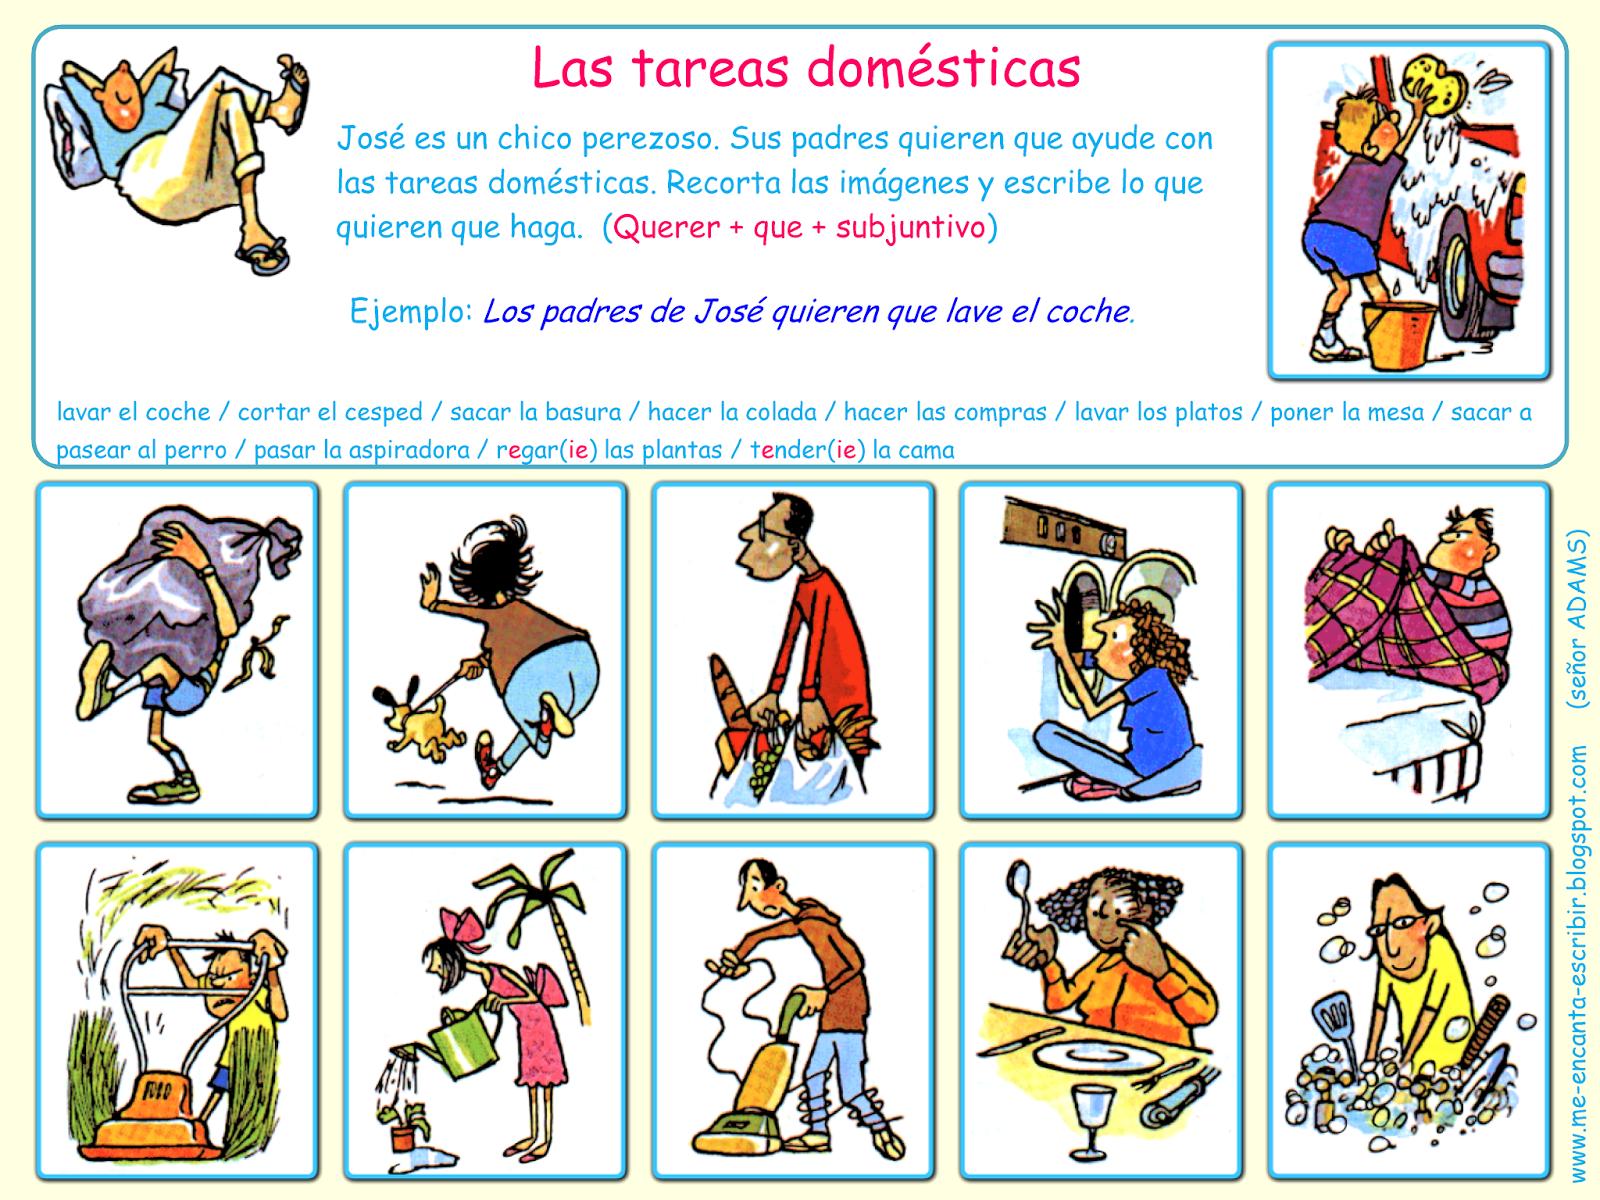 Me Encanta Escribir En Espanol Cours Espagnol Espagnol Taches